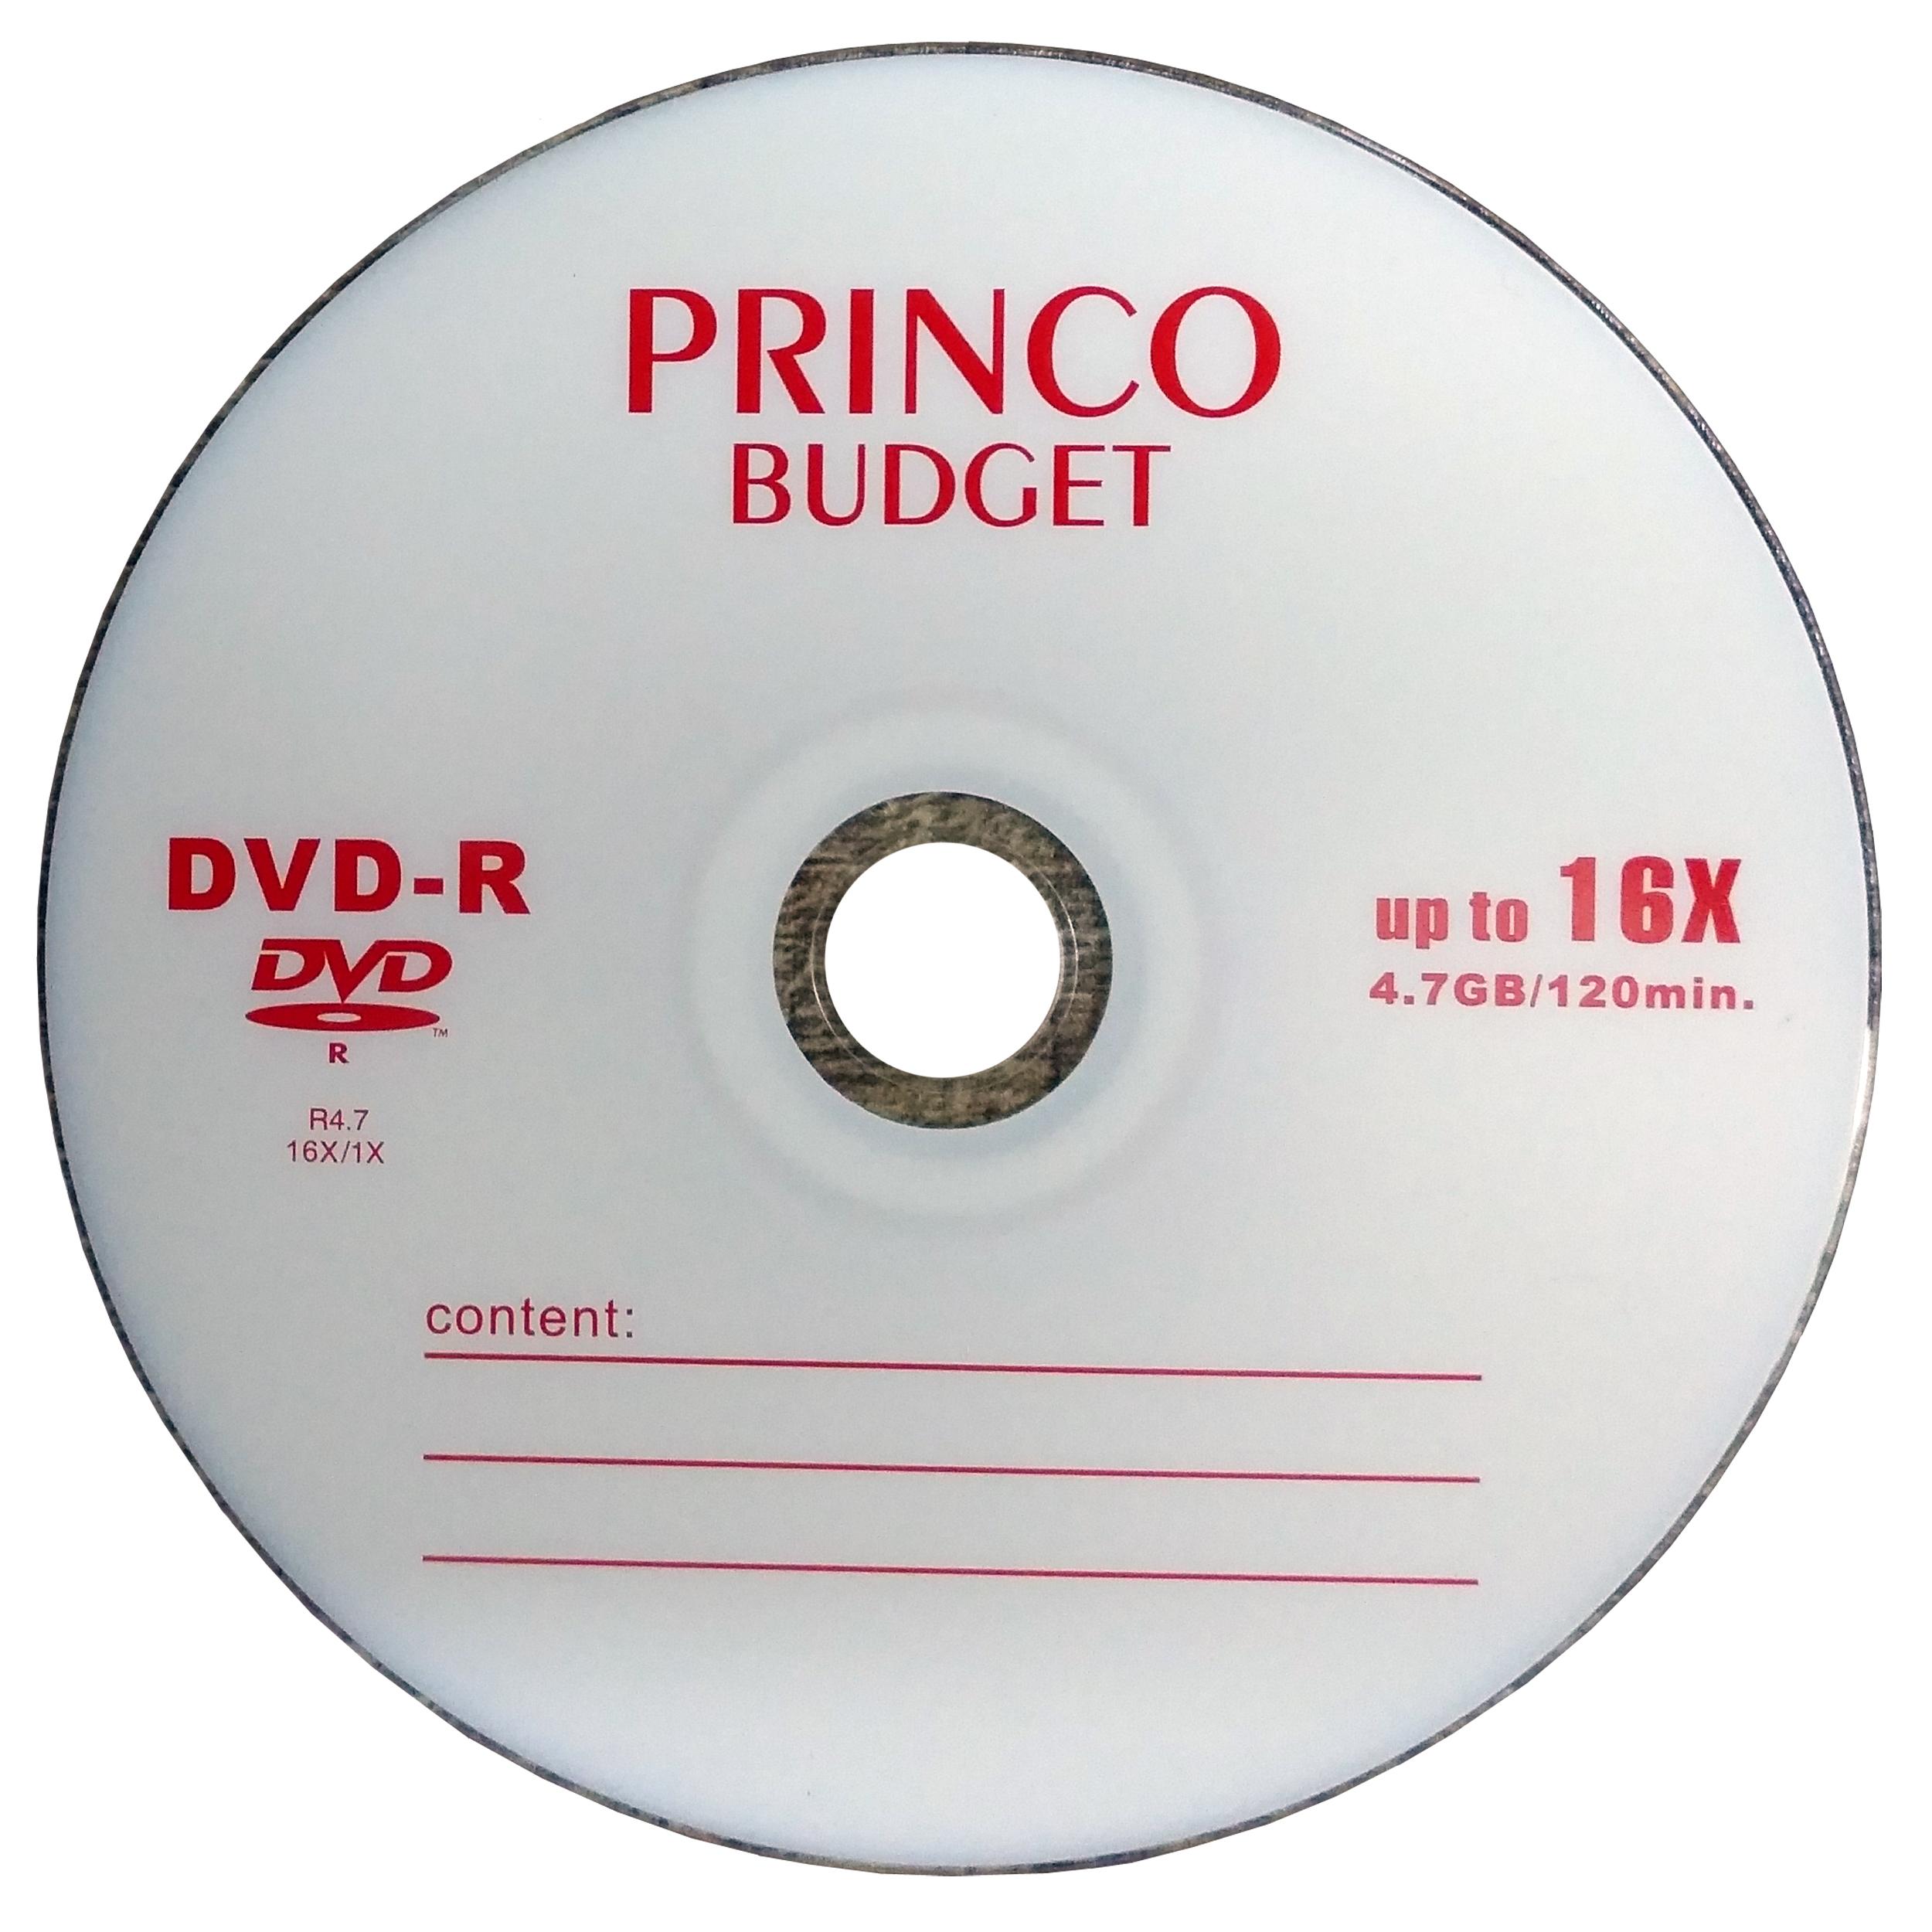 دی وی دی خام پرینکو کد 101 بسته 10 عددی